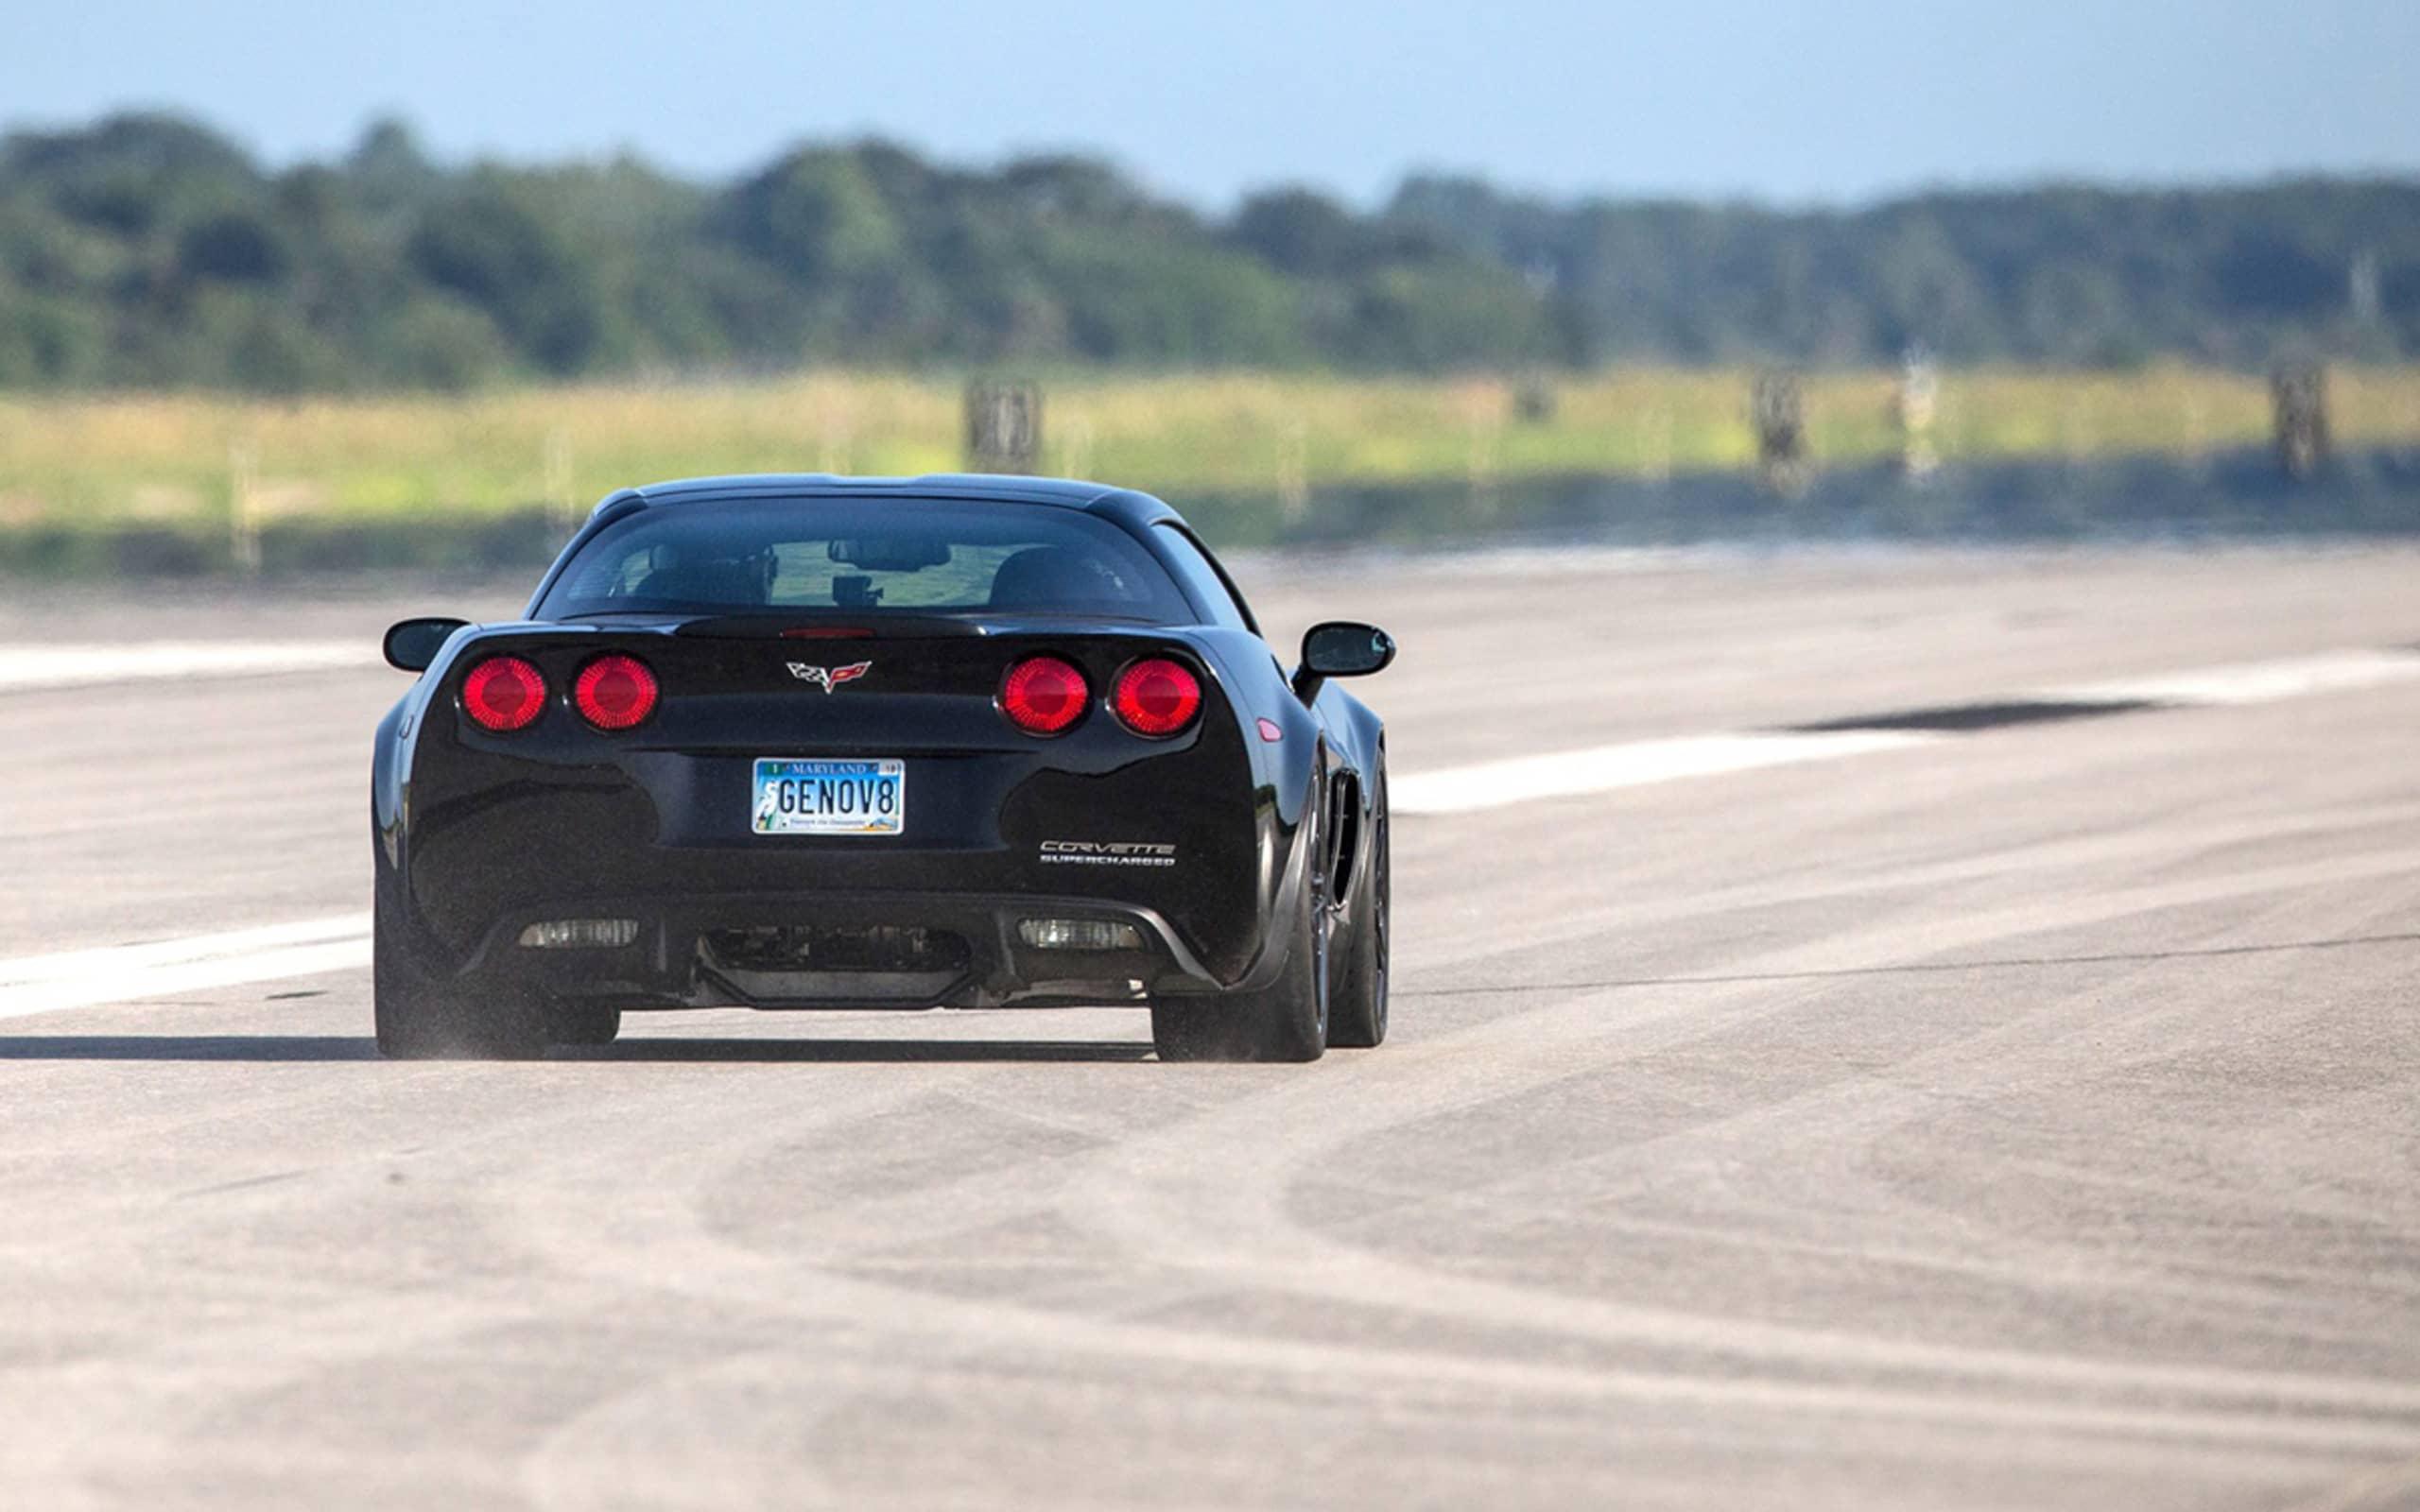 GXE : record du monde de vitesse pour une voiture électrique, 330,9 km/h 10